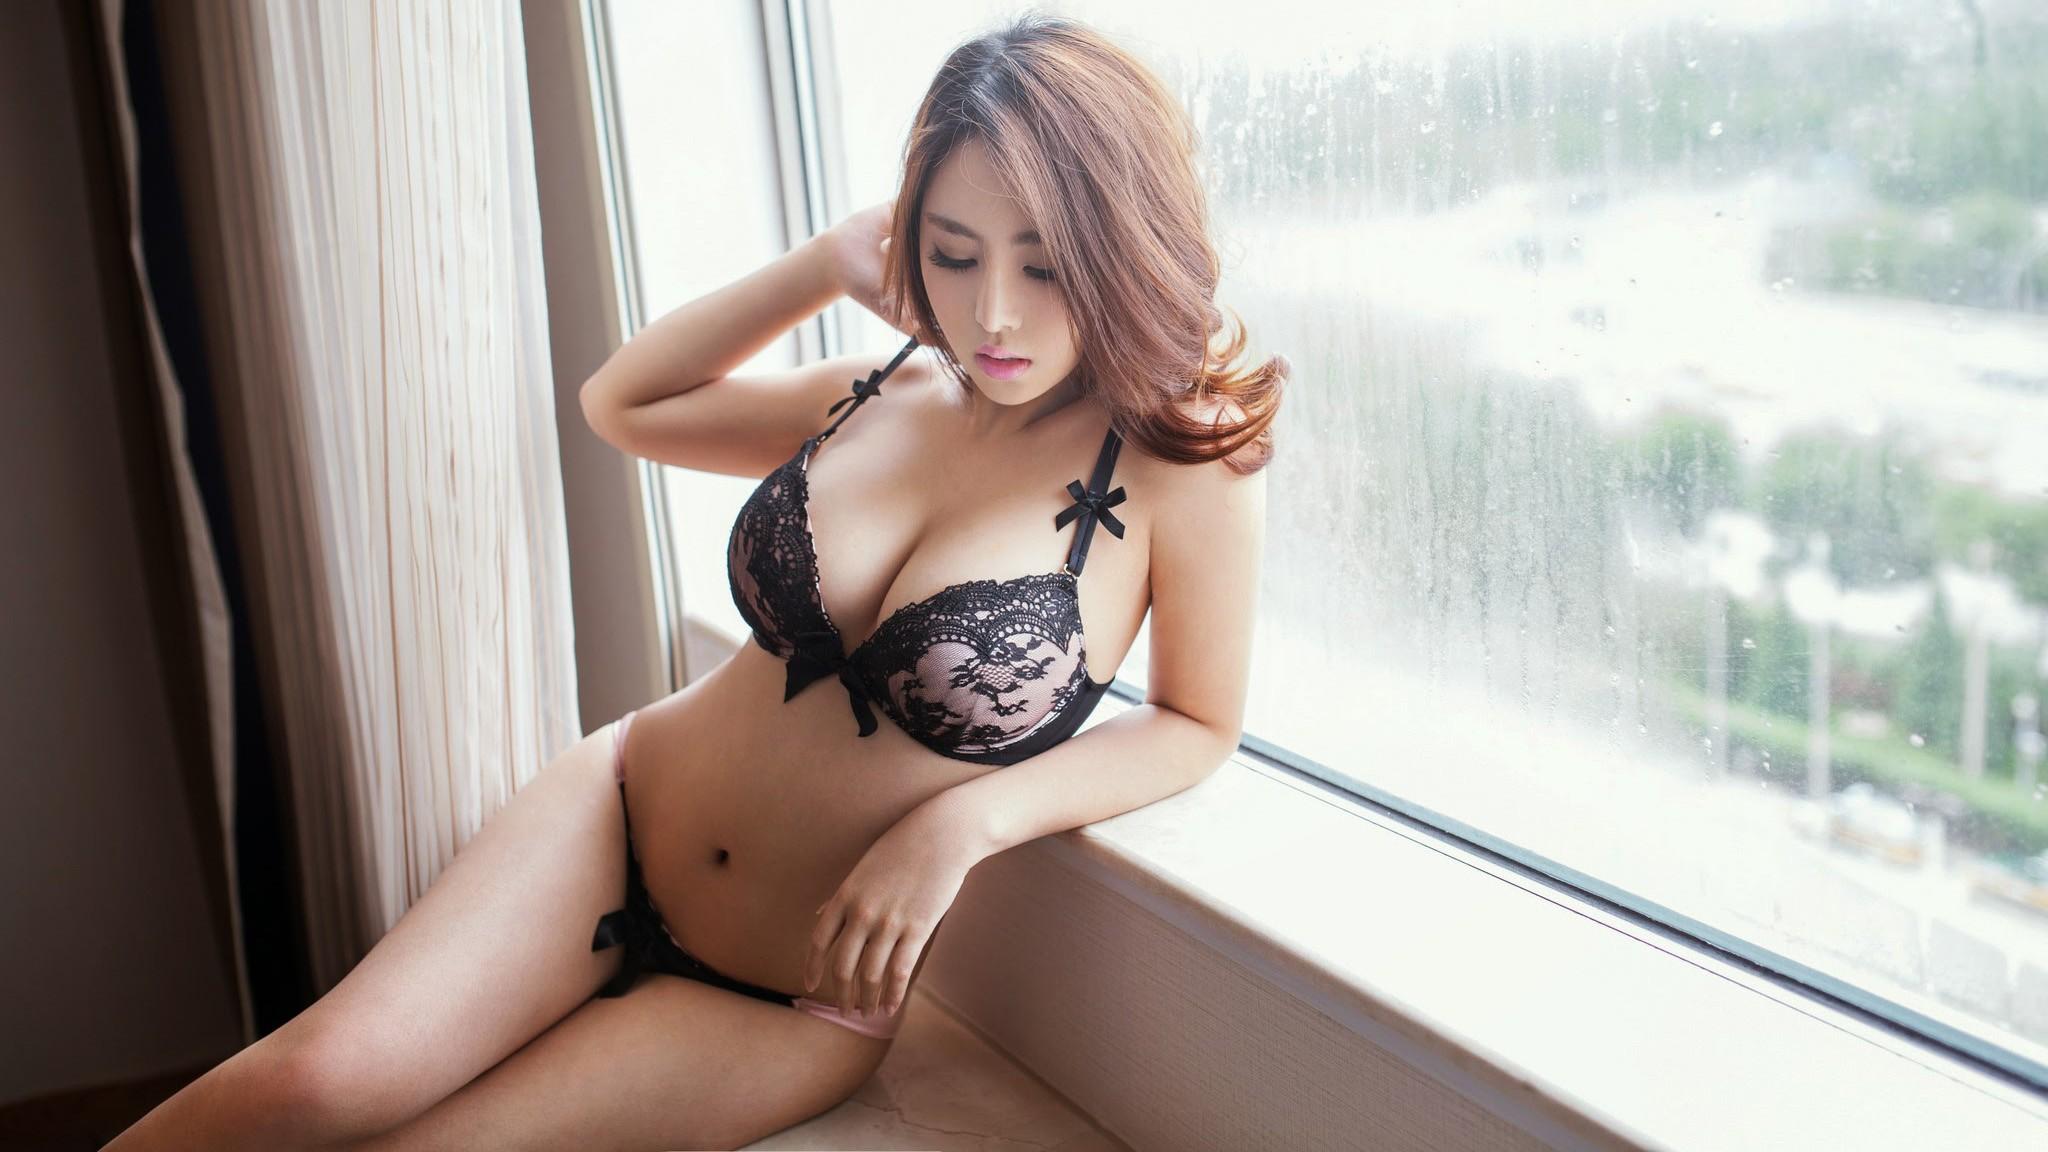 девушки в нижнем белье азиатки хорошо учился, особенно